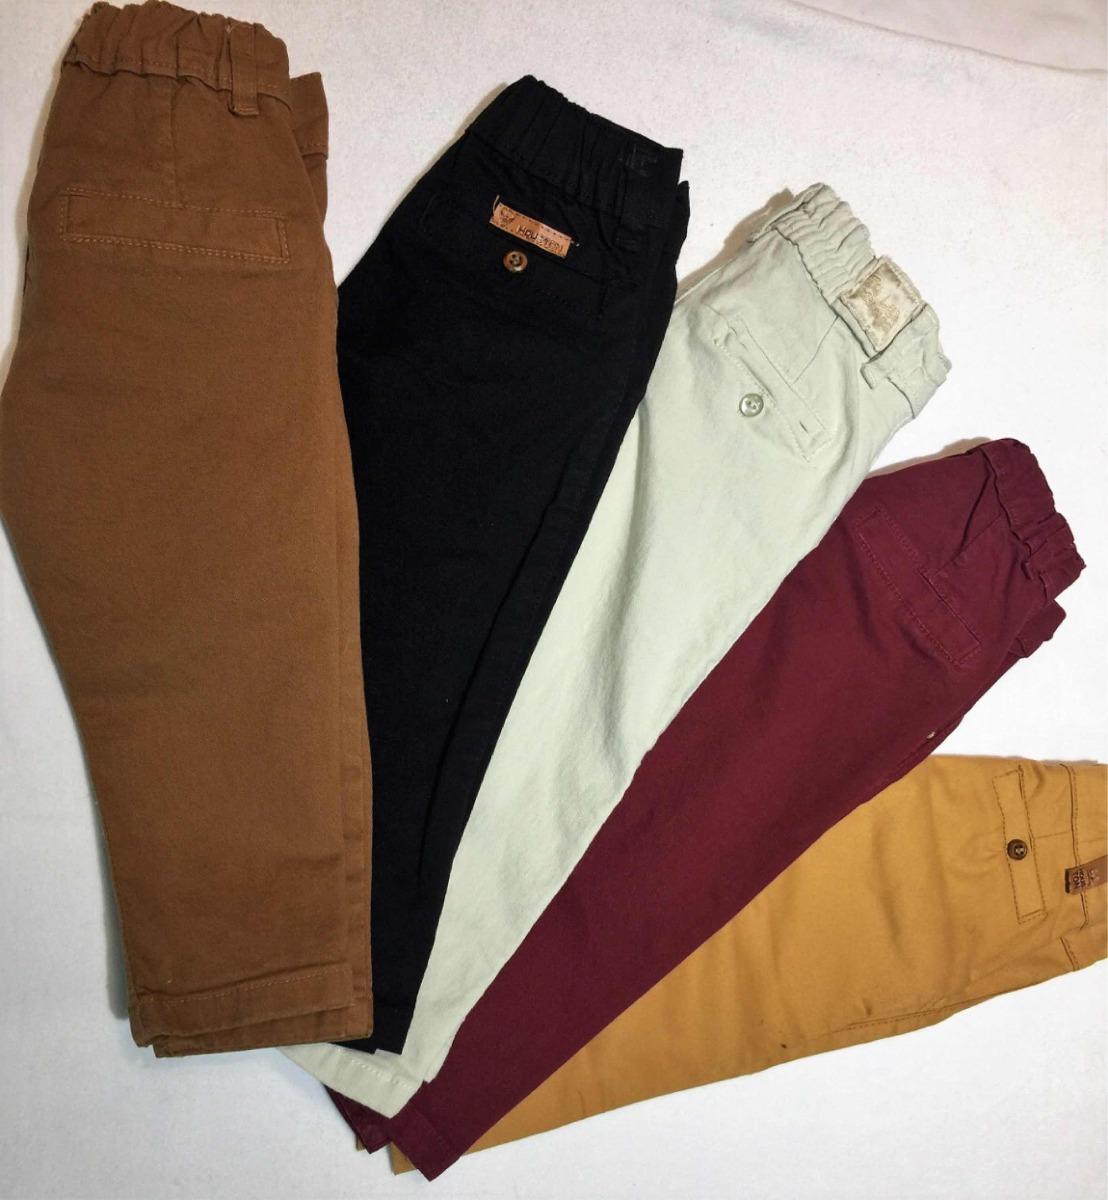 5e4142b5b pantalon chupin de bebé bolsillo chino gabardina elastizada. Cargando zoom.